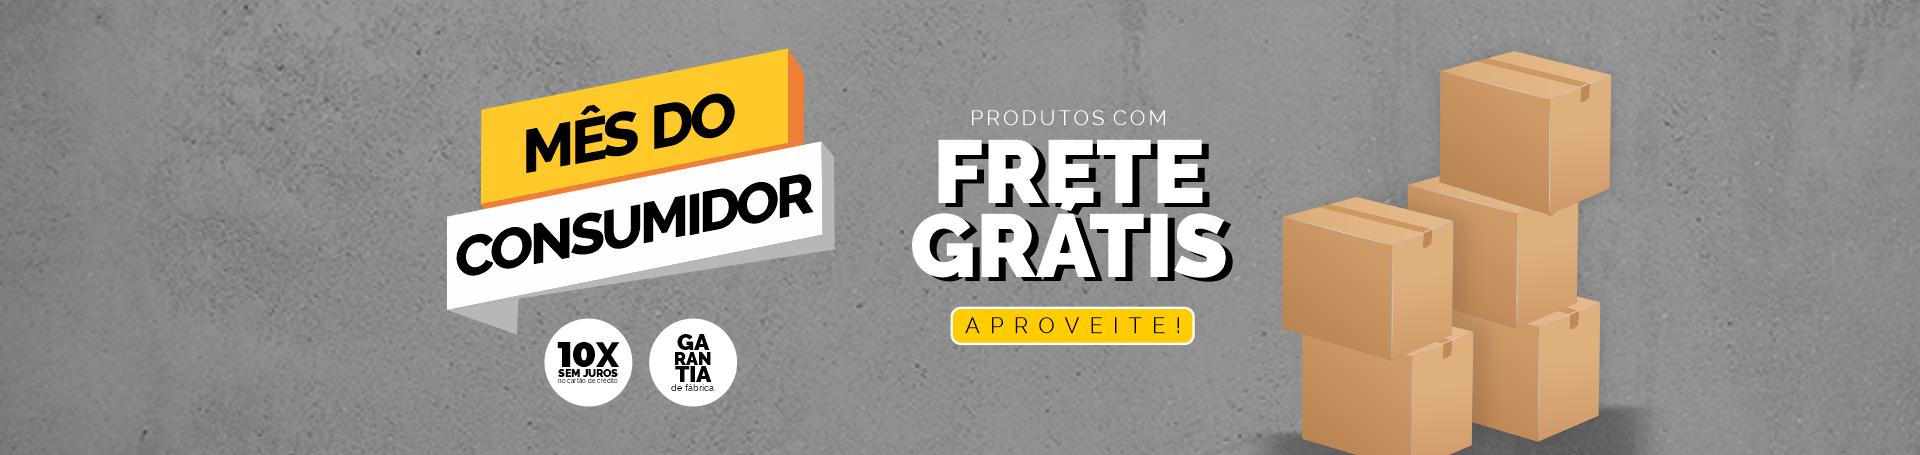 fretegratis_HOME_DESK_marco